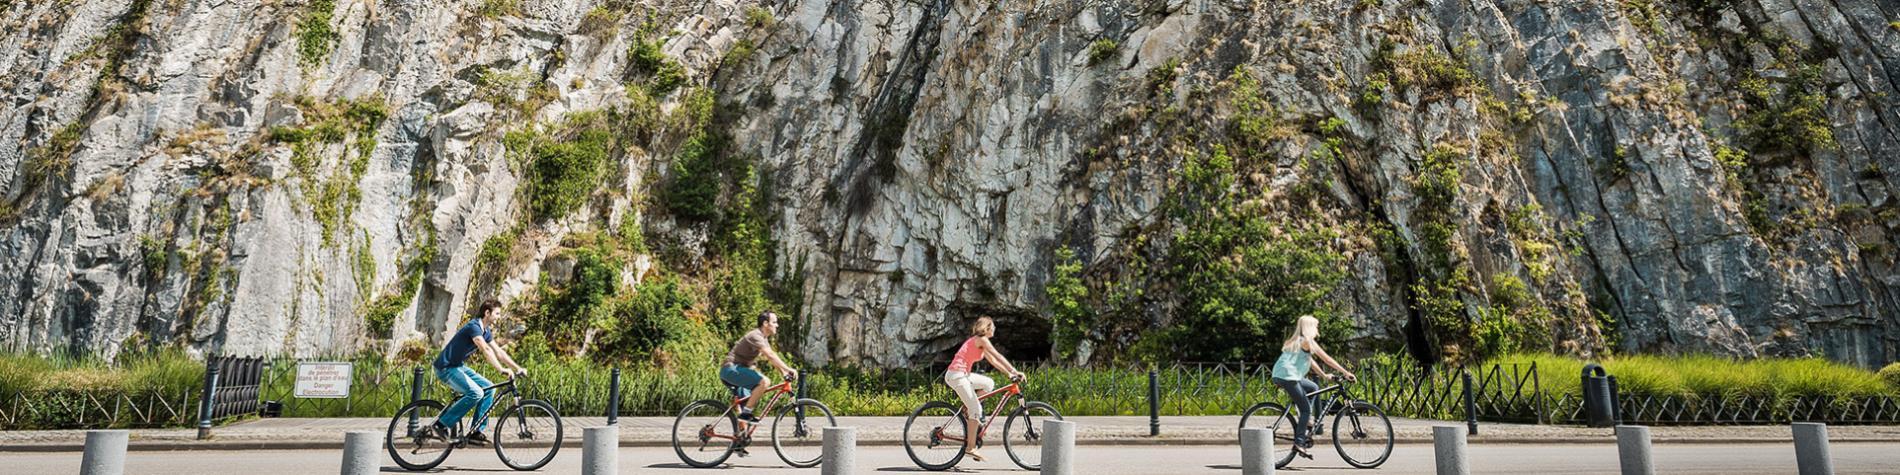 Durbuy - Anticlinal - randonnée à Vélo - circuit